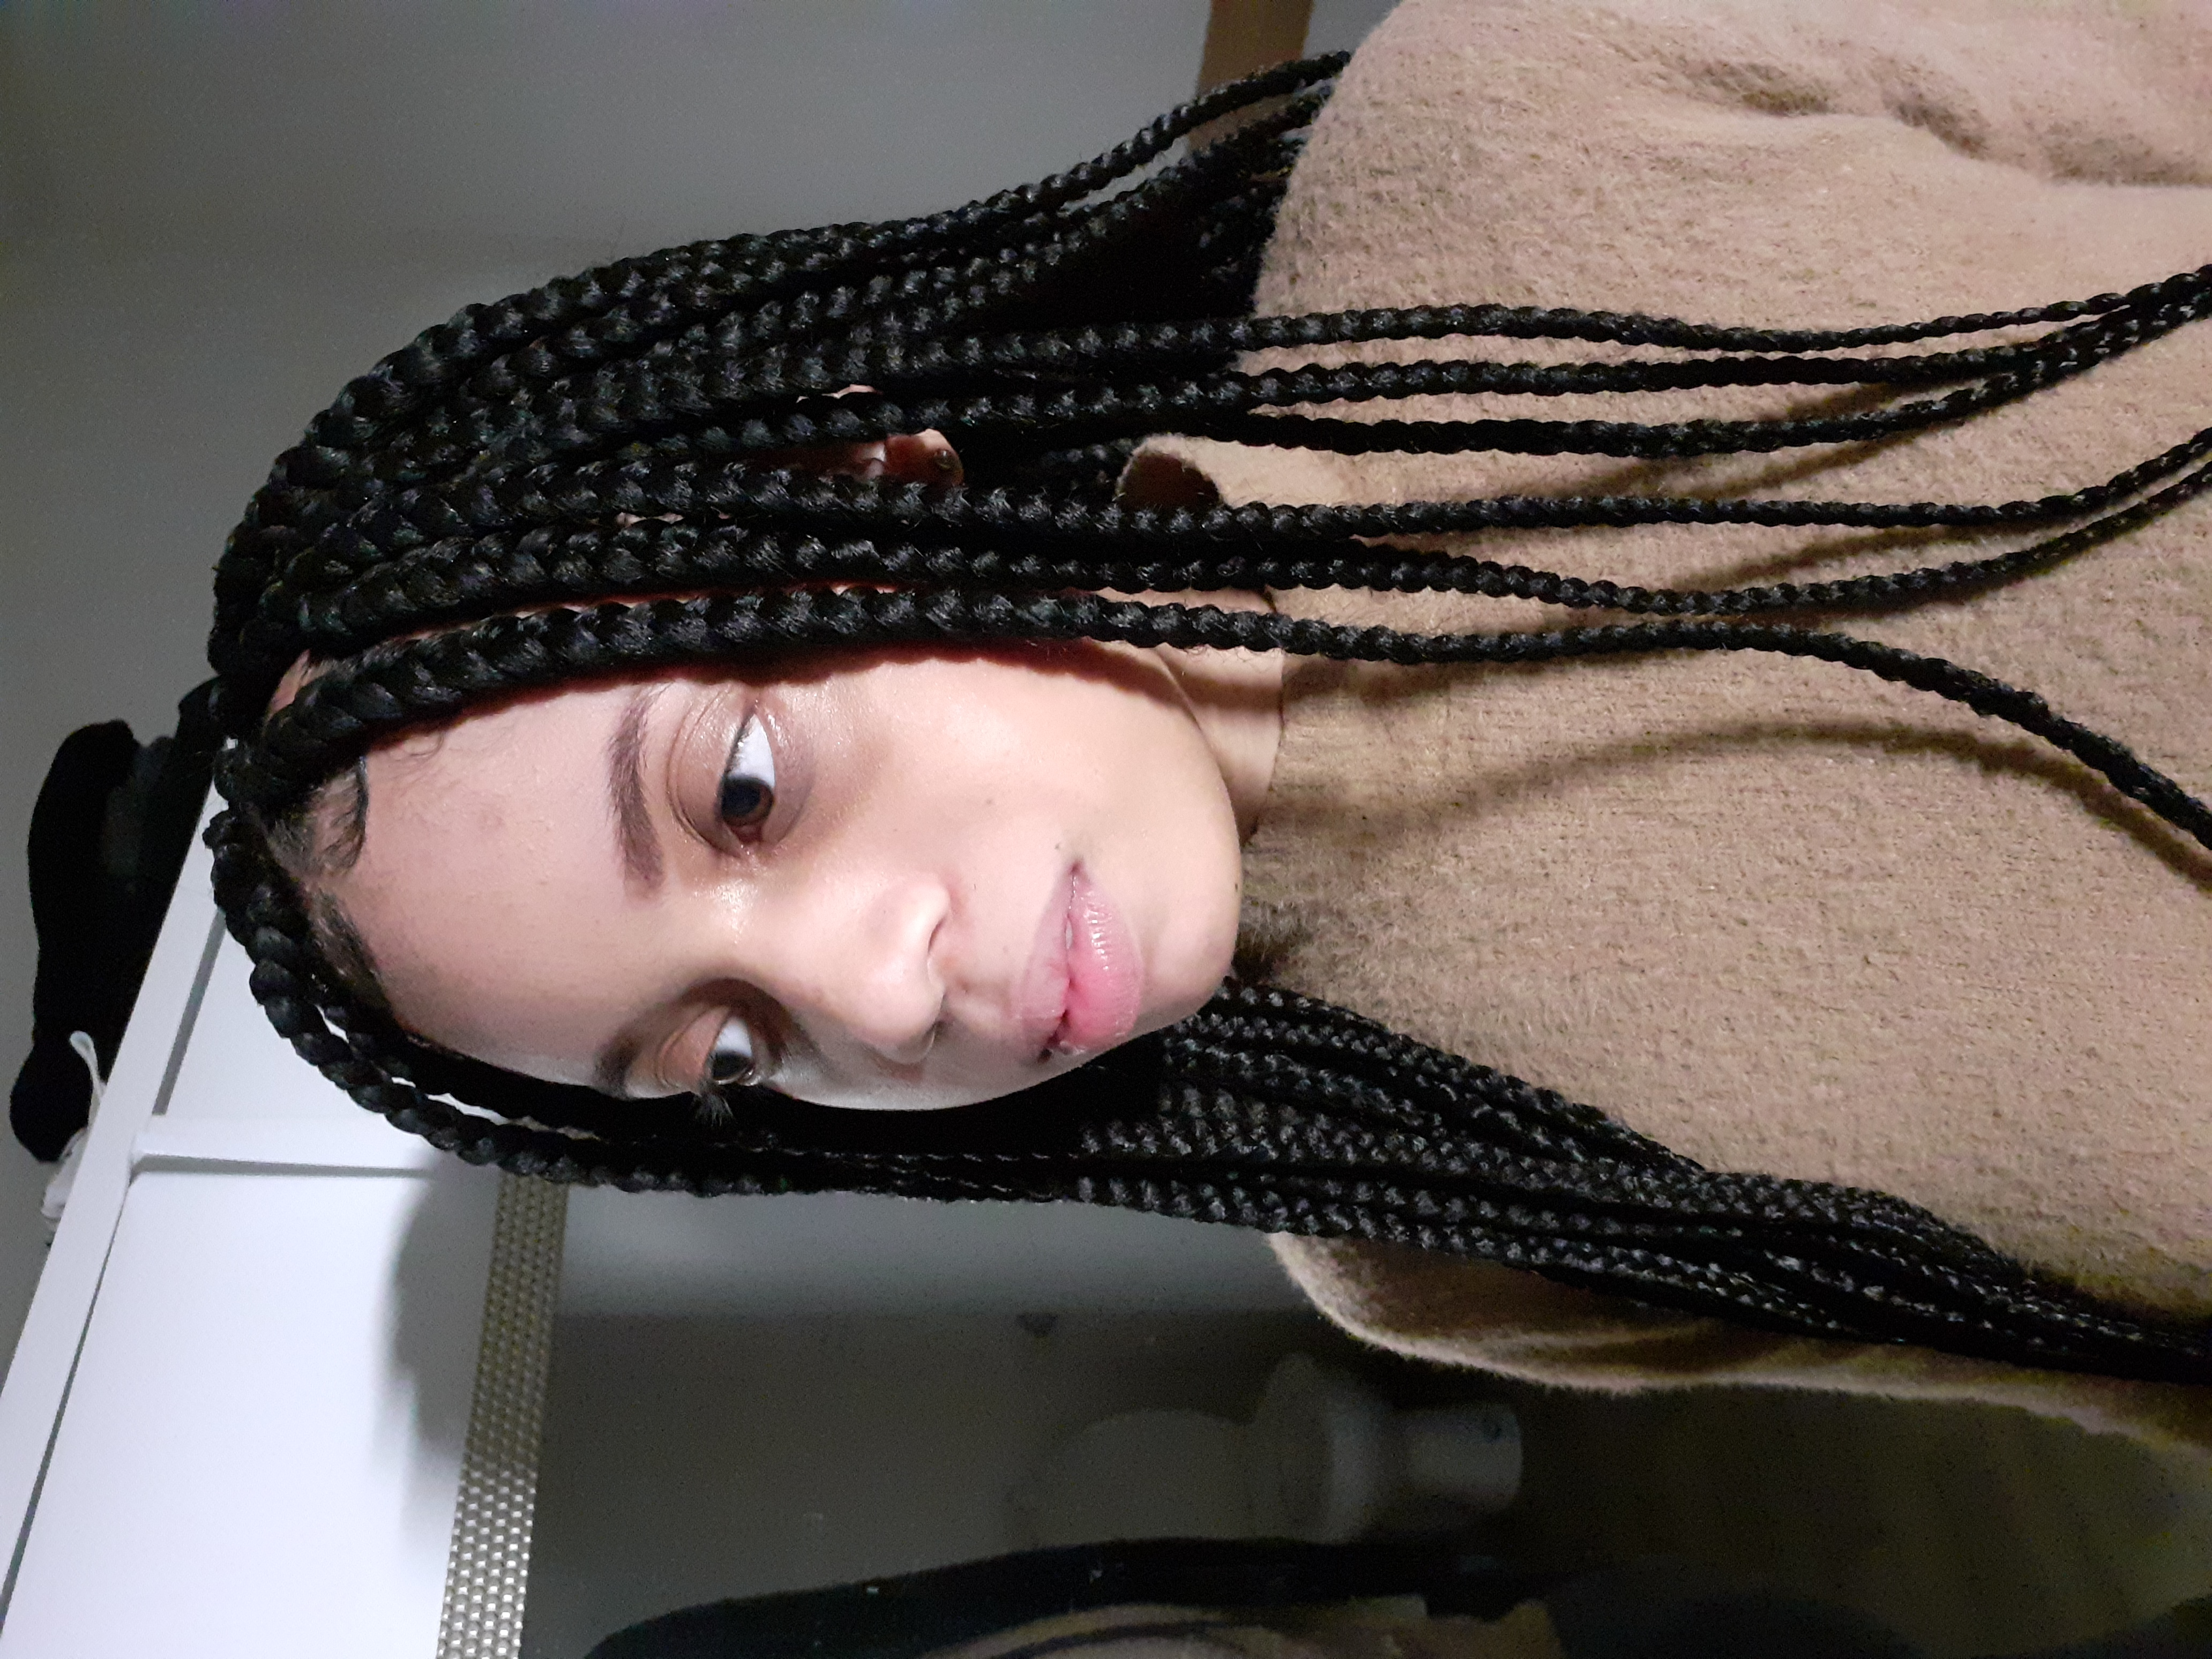 salon de coiffure afro tresse tresses box braids crochet braids vanilles tissages paris 75 77 78 91 92 93 94 95 AMMPUFTX